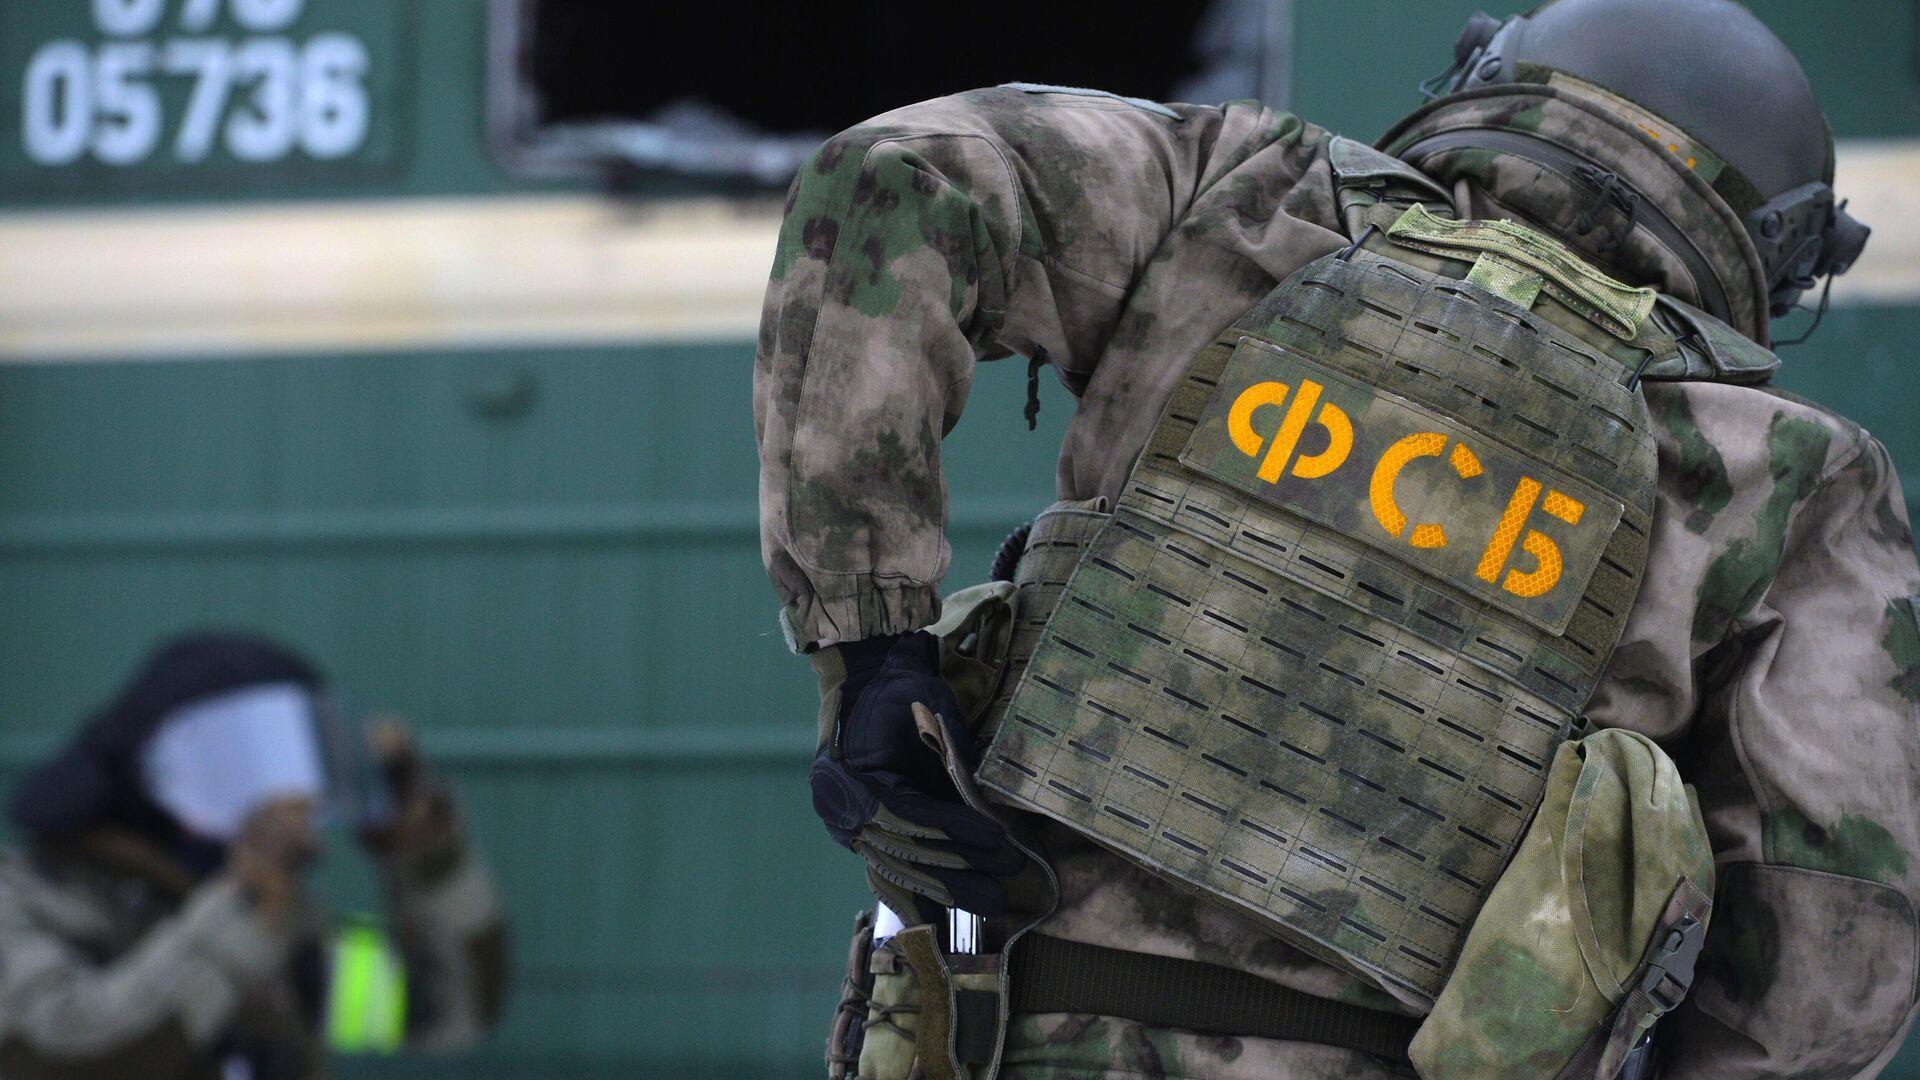 ФСБ перекрыла один из крупнейших каналов контрабанды наркотиков в Россию